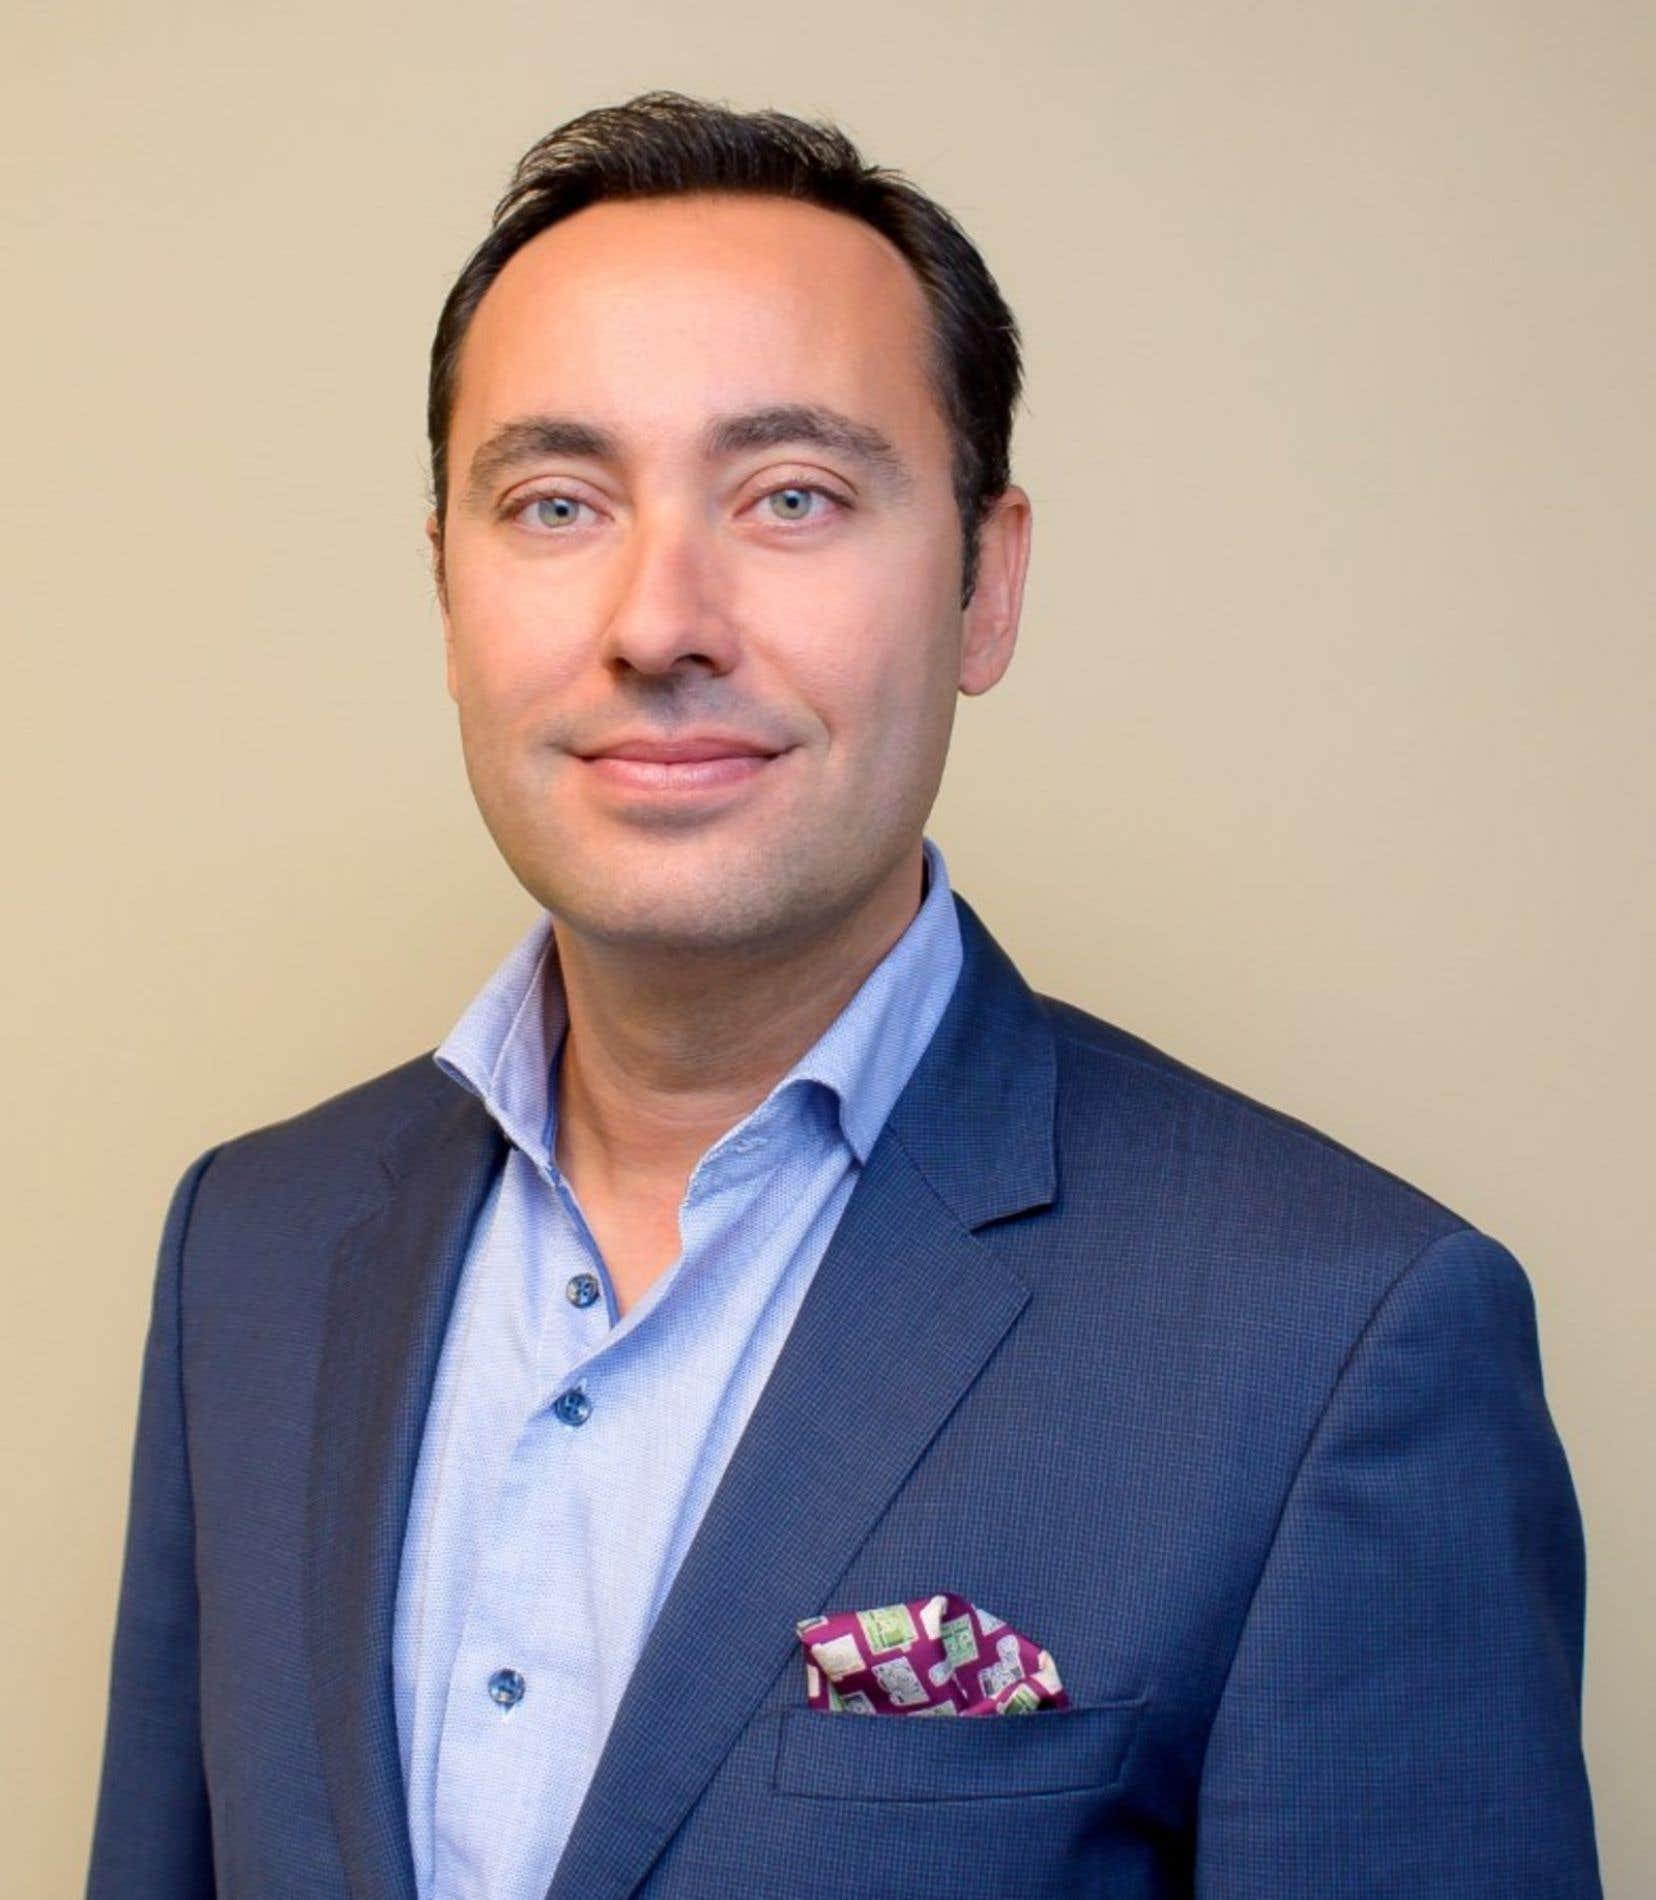 Selon l'information du voyagiste, Jordi Solé oeuvre au sein des grandes chaînes internationales depuis 2001.